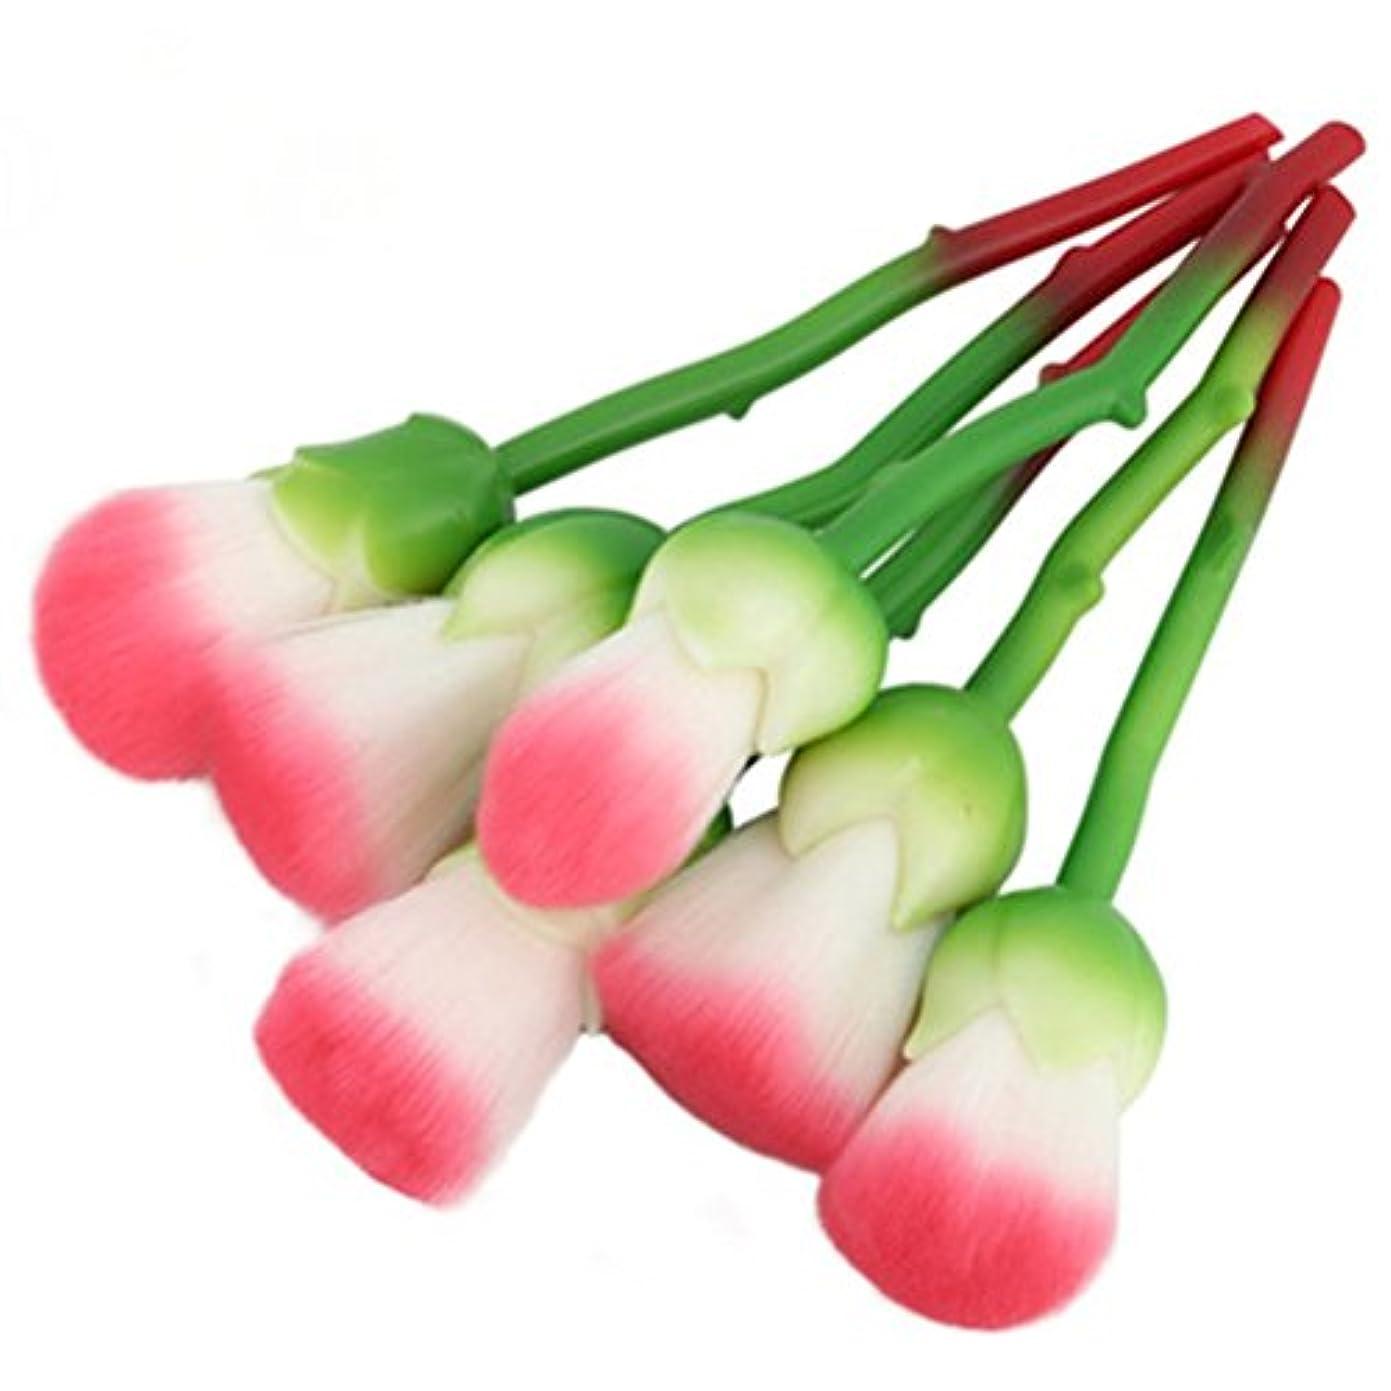 ストライド上級繰り返すディラビューティー(Dilla Beauty) メイクブラシ 薔薇 メイクブラシセット 人気 ファンデーションブラシ 化粧筆 可愛い 化粧ブラシ セット パウダーブラシ フェイスブラシ ローズ メイクブラシ 6本セット ケース付き (グリーン)